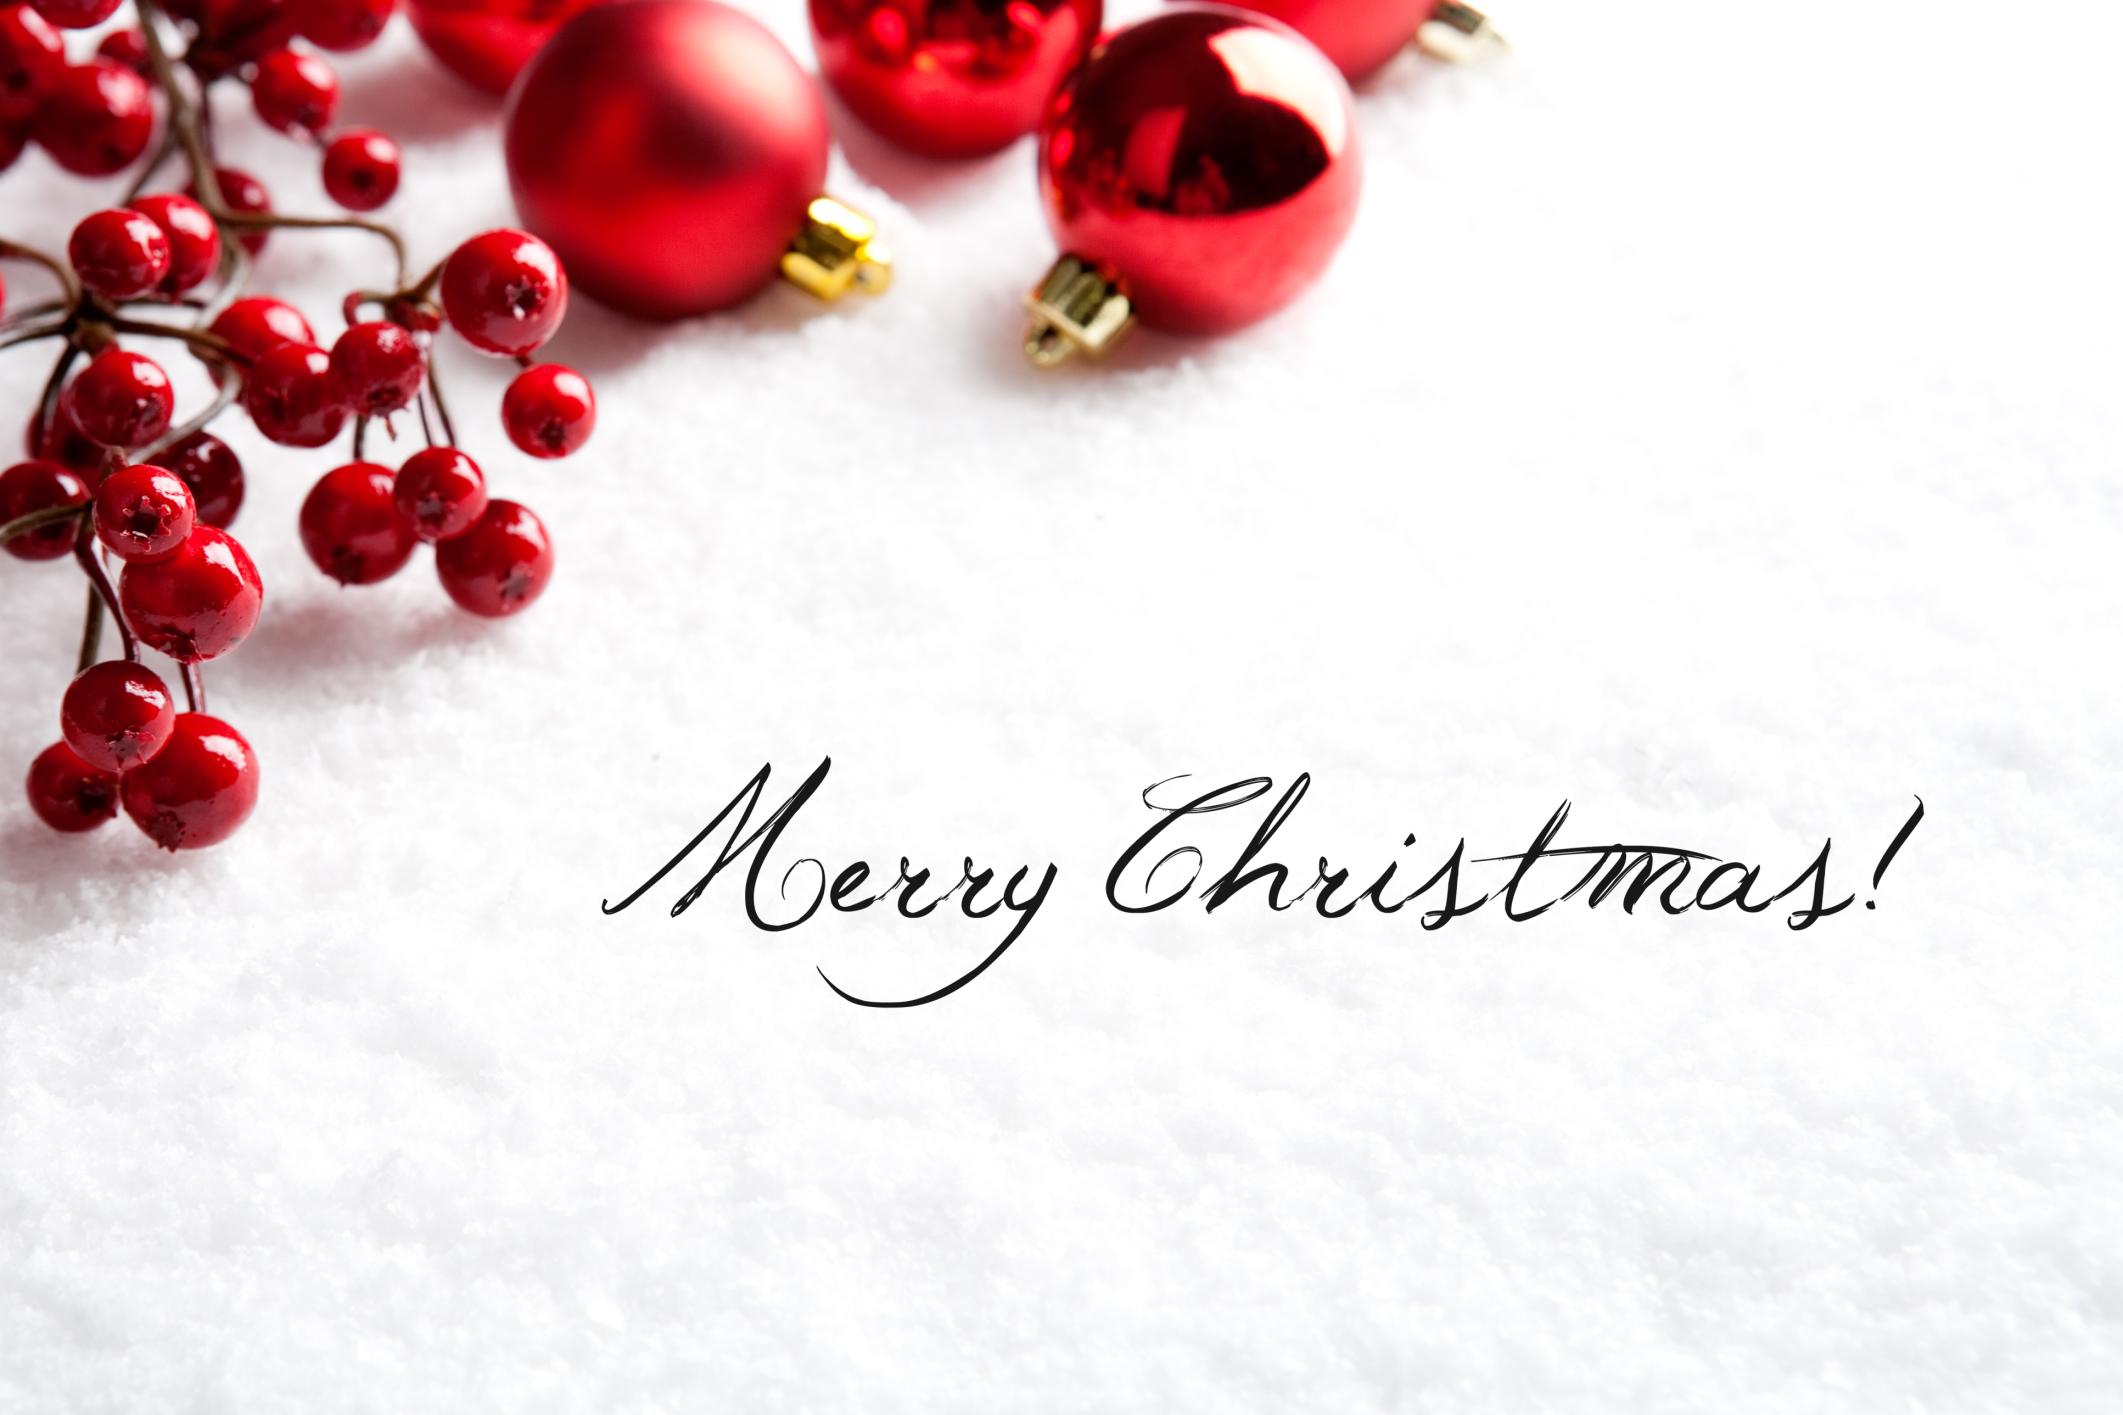 Biglietti Di Natale Via Mail.Auguri Di Natale In Rima Cereda Mobili